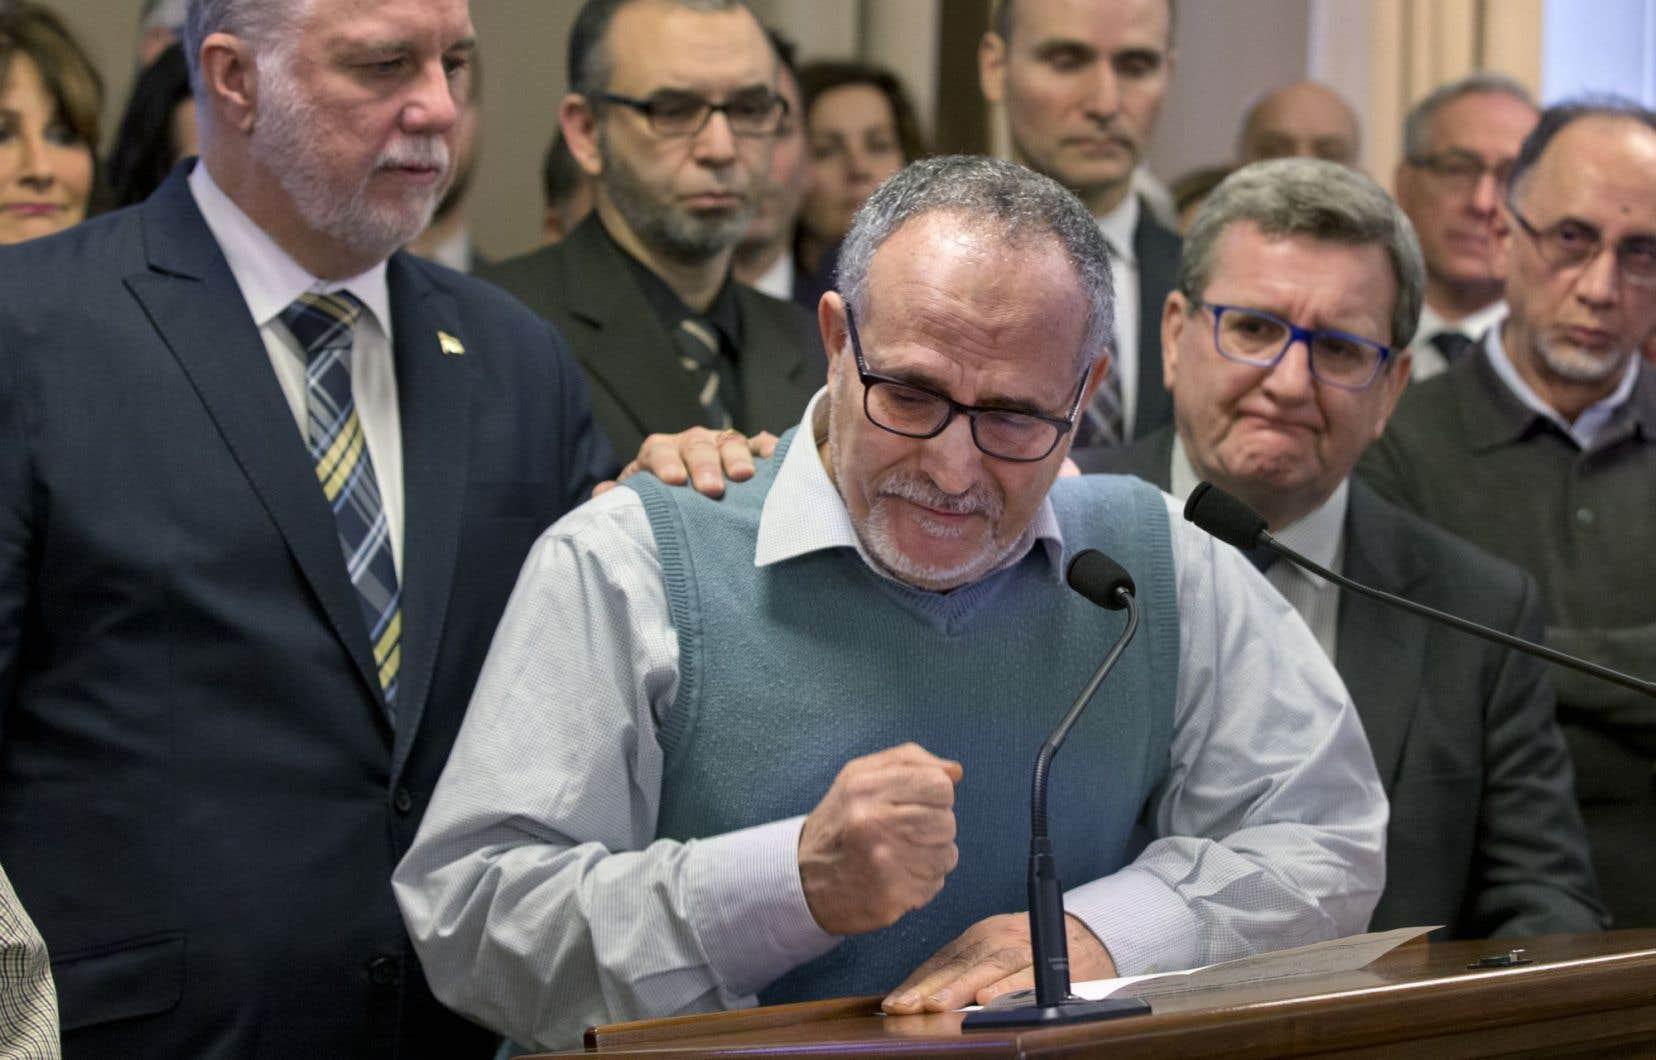 Les leaders de la communauté musulmane étaient entourés du premier ministre Philippe Couillard et de nombreux politiciens quand ils ont pris la parole pour crier leur douleur.